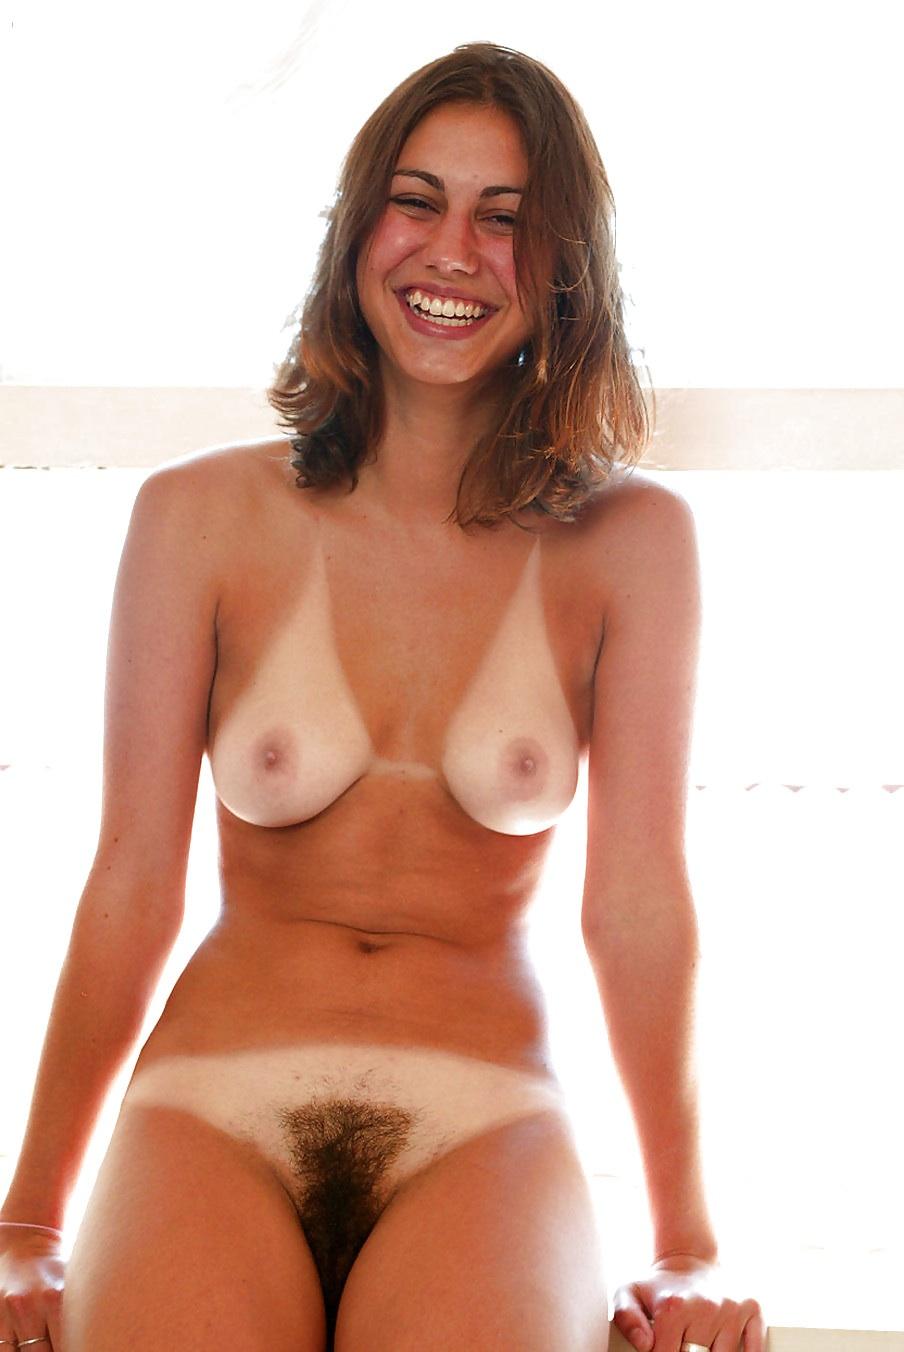 hairy-naked-hardbodies-hot-nude-girls-smoking-bongs